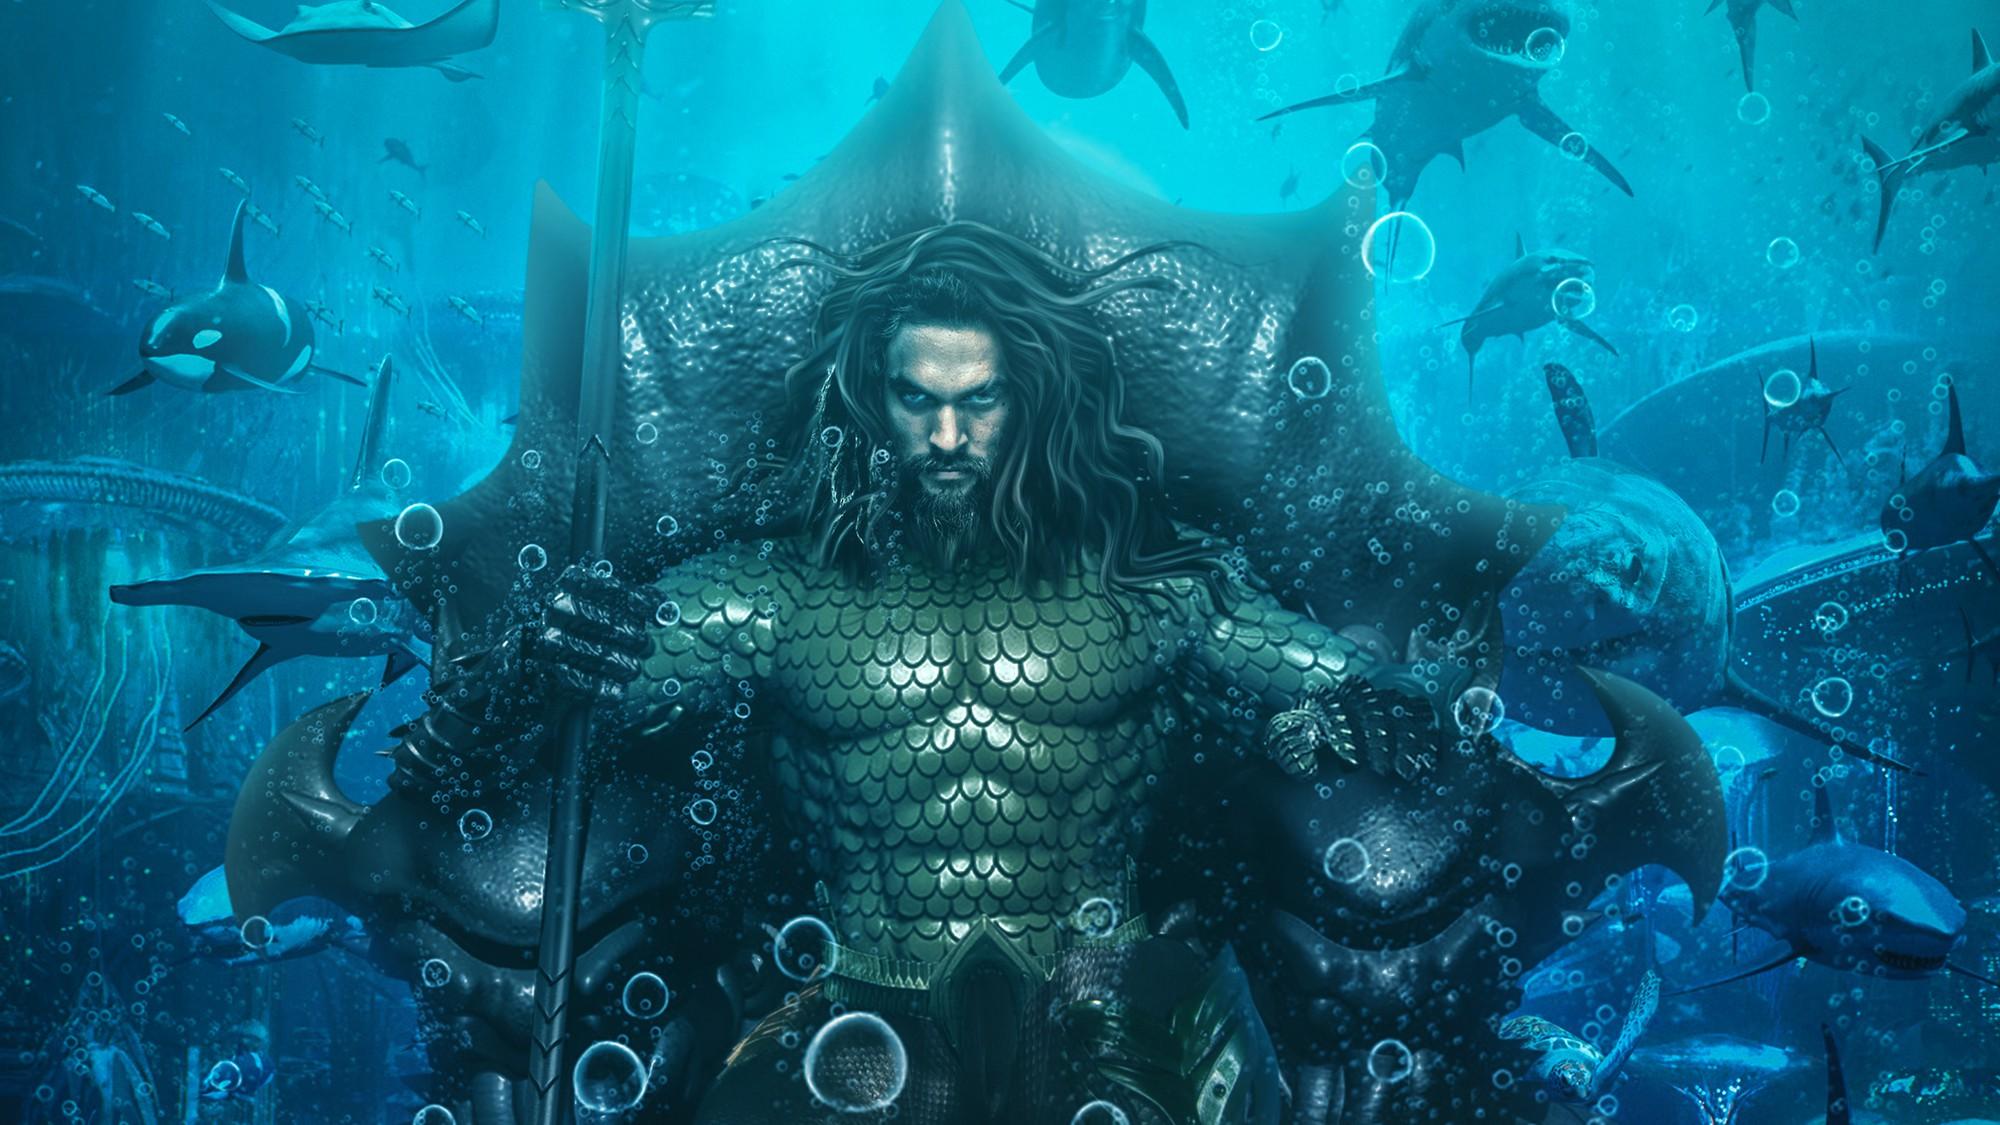 Thất Hải Chi Vương Aquaman: Hành trình từ chàng thanh niên bị coi thường tới Bá chủ biển cả - Ảnh 28.